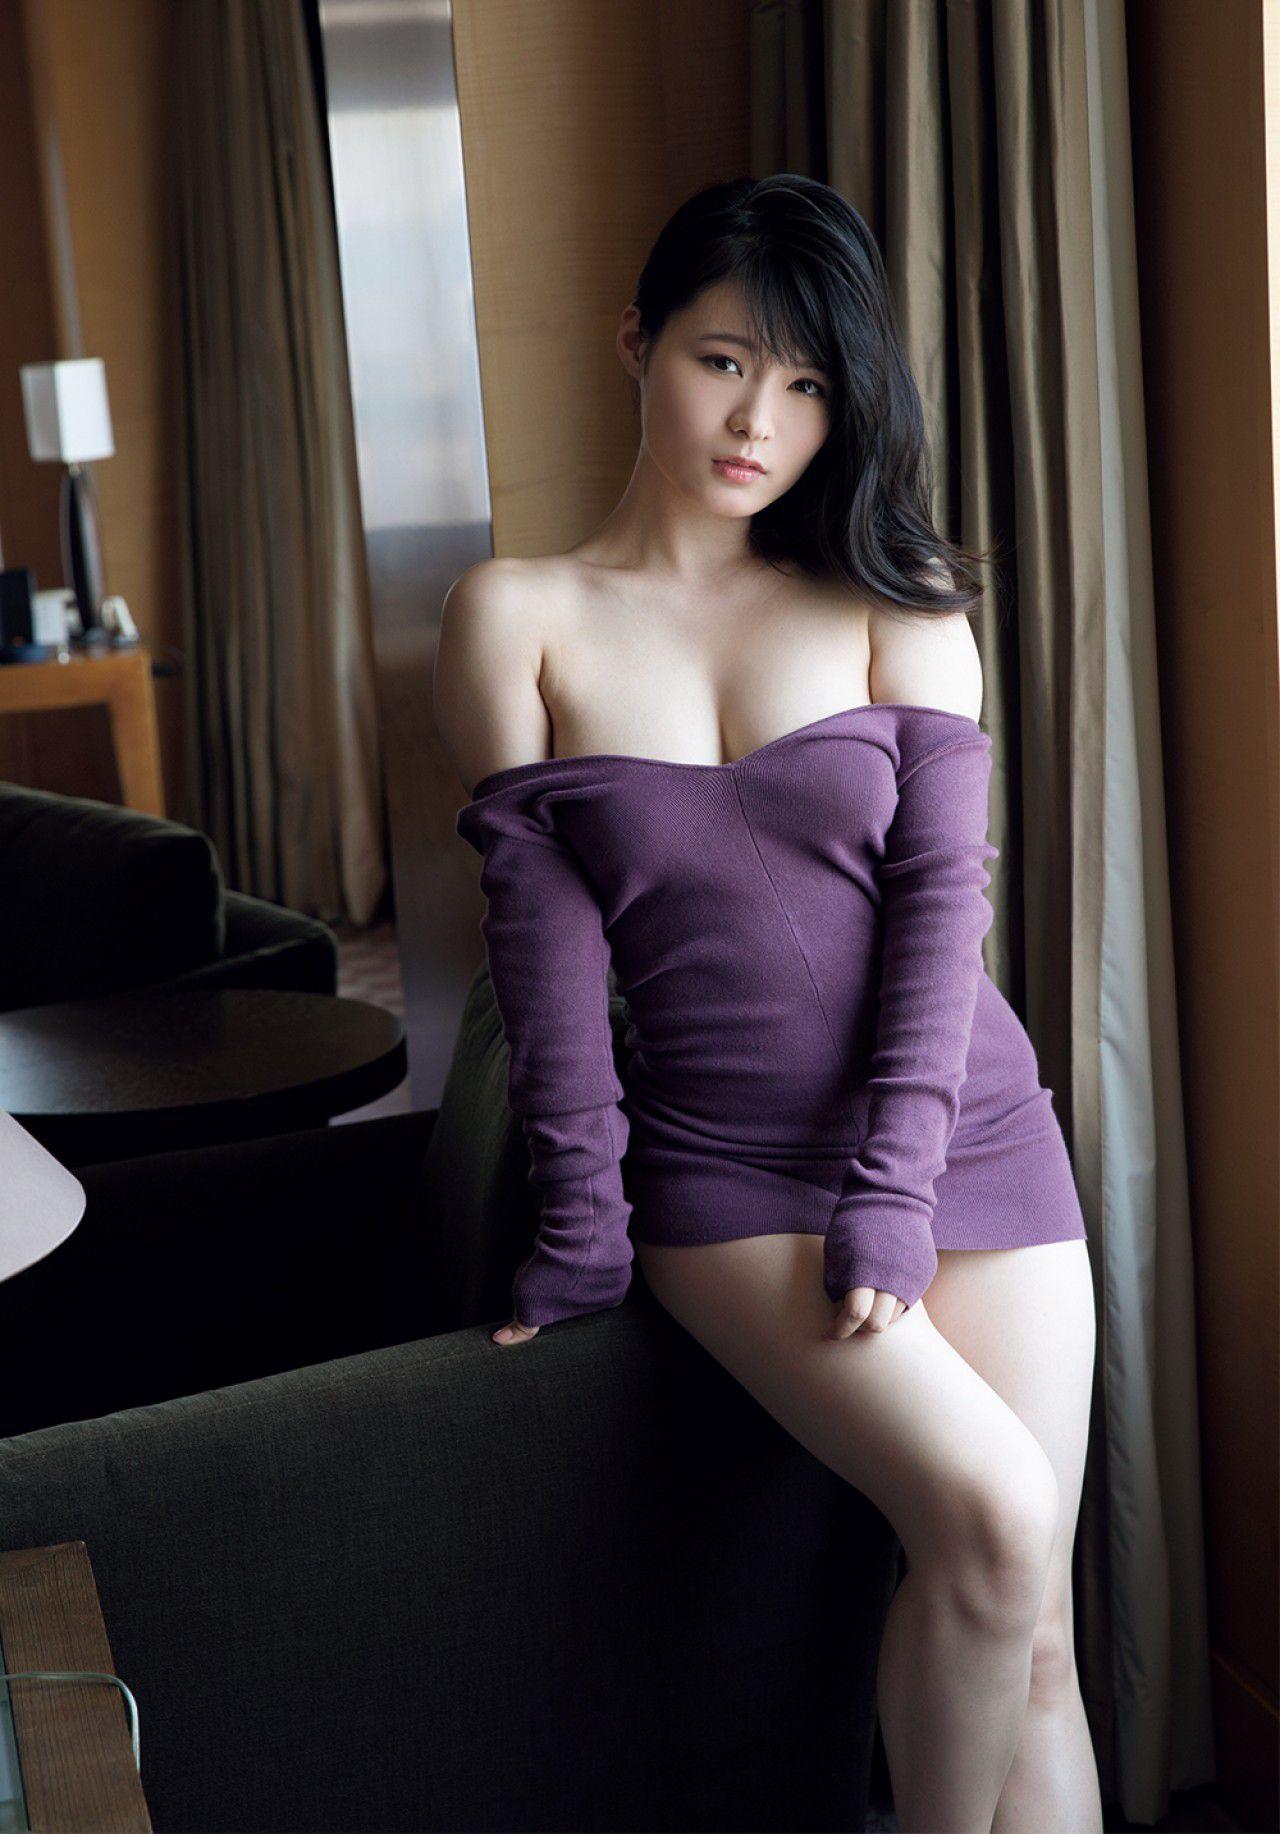 VOL.390 [FRIDAY]大胸美乳爆乳:星名美津纪(星名美津紀)超高清写真套图(9P)